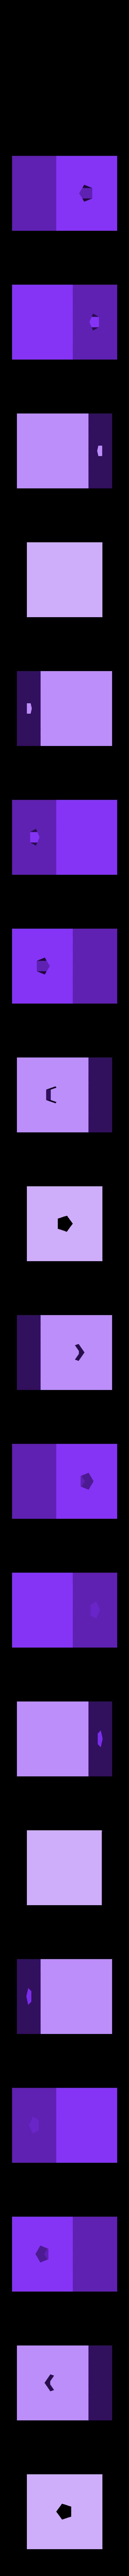 Icube.stl Télécharger fichier STL gratuit Cube de serpent (paramétrique) • Modèle pour imprimante 3D, gabutoillegna56